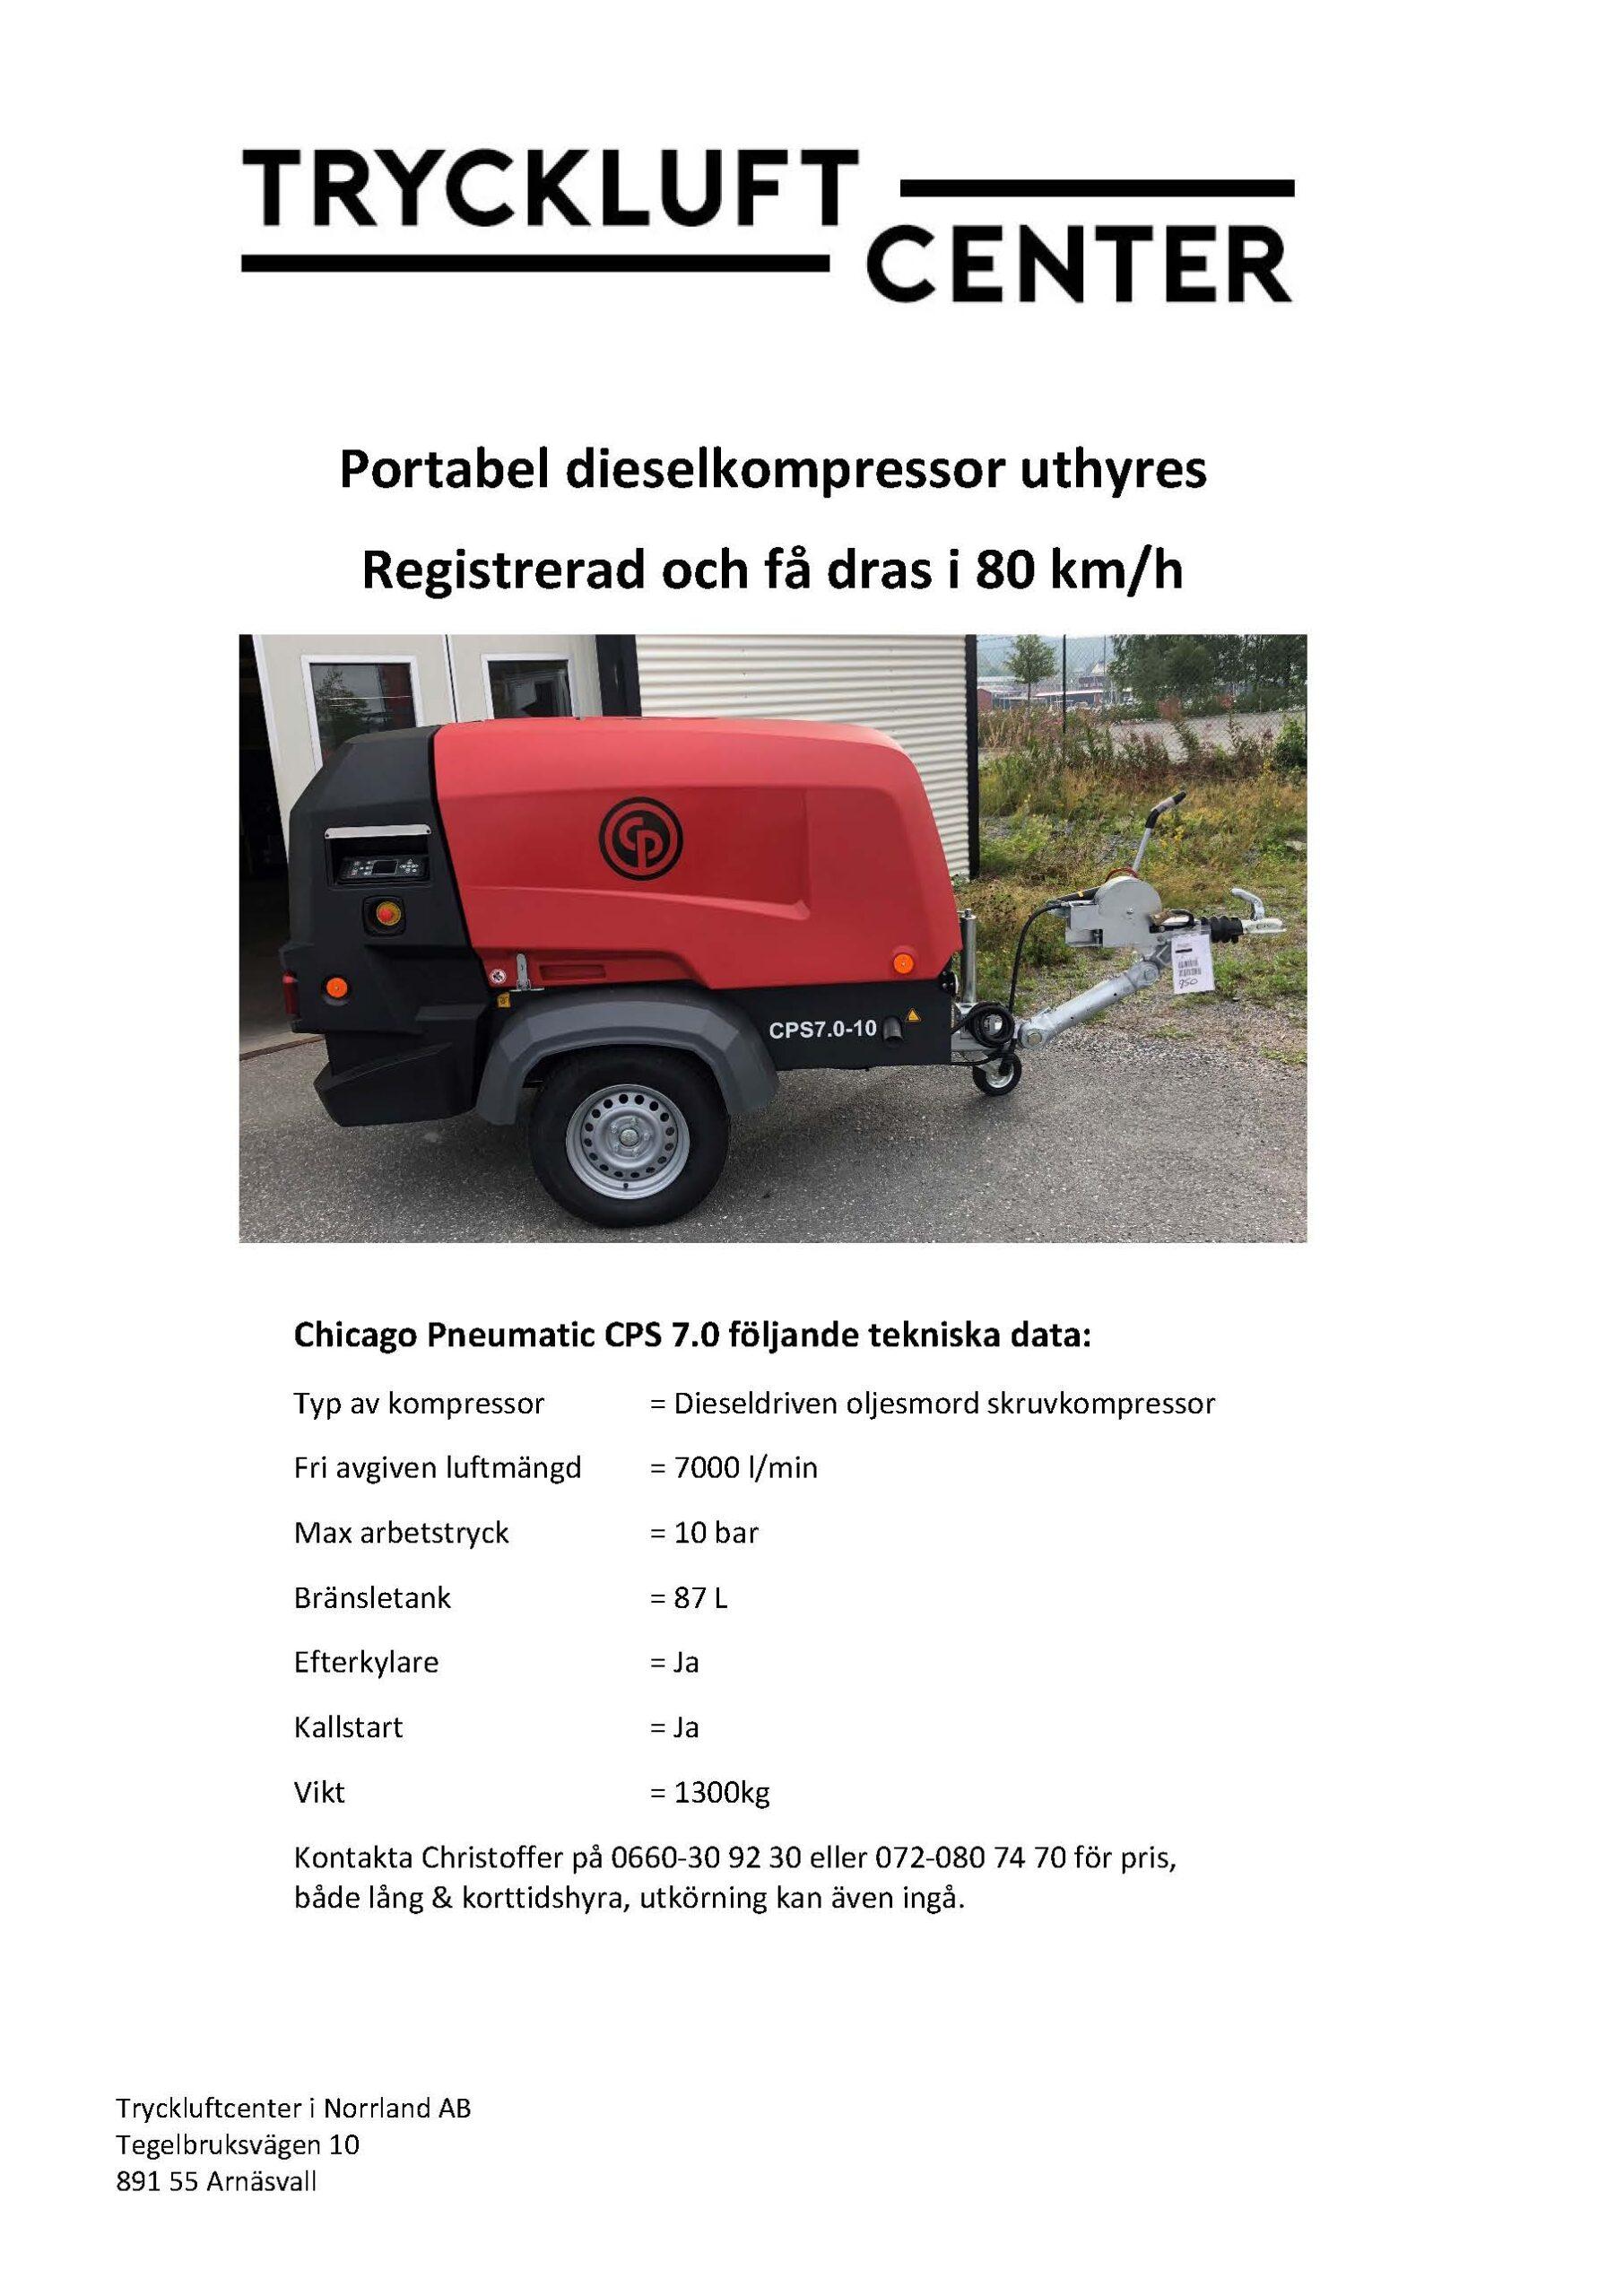 Dieselkompressor uthyres